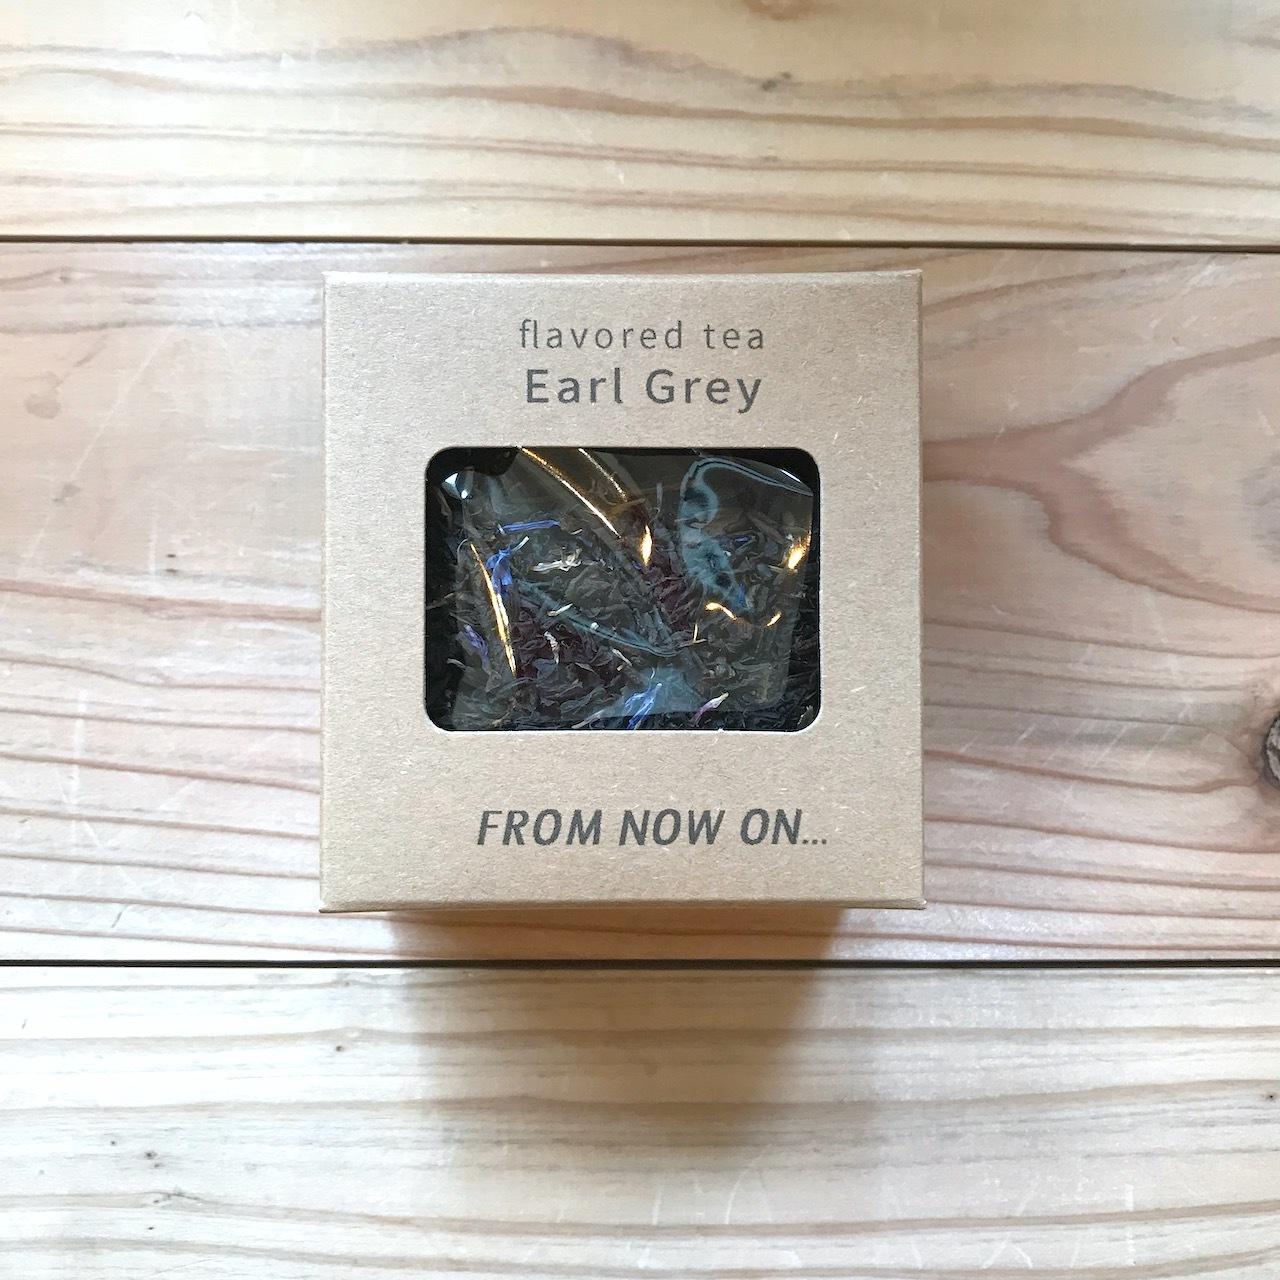 """【今だけ送料無料】"""" FNO Earl Grey flavored tea / アールグレー フレーバーティー カートンS 15g """""""